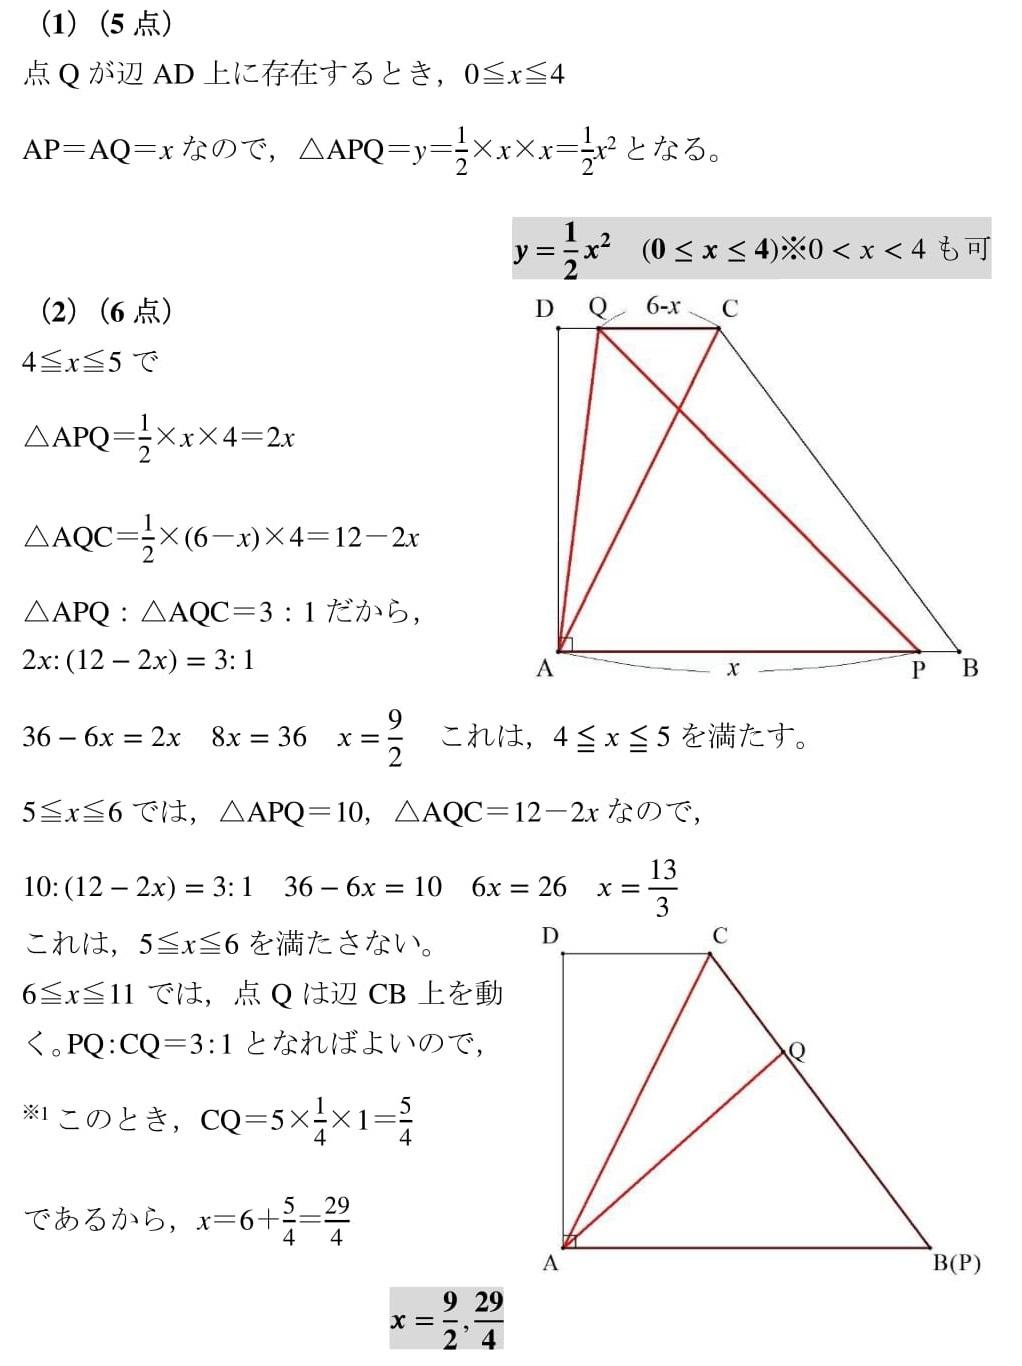 2021 埼玉県 高校入試 中学 数学 関数 動点P 良問 難問 解説